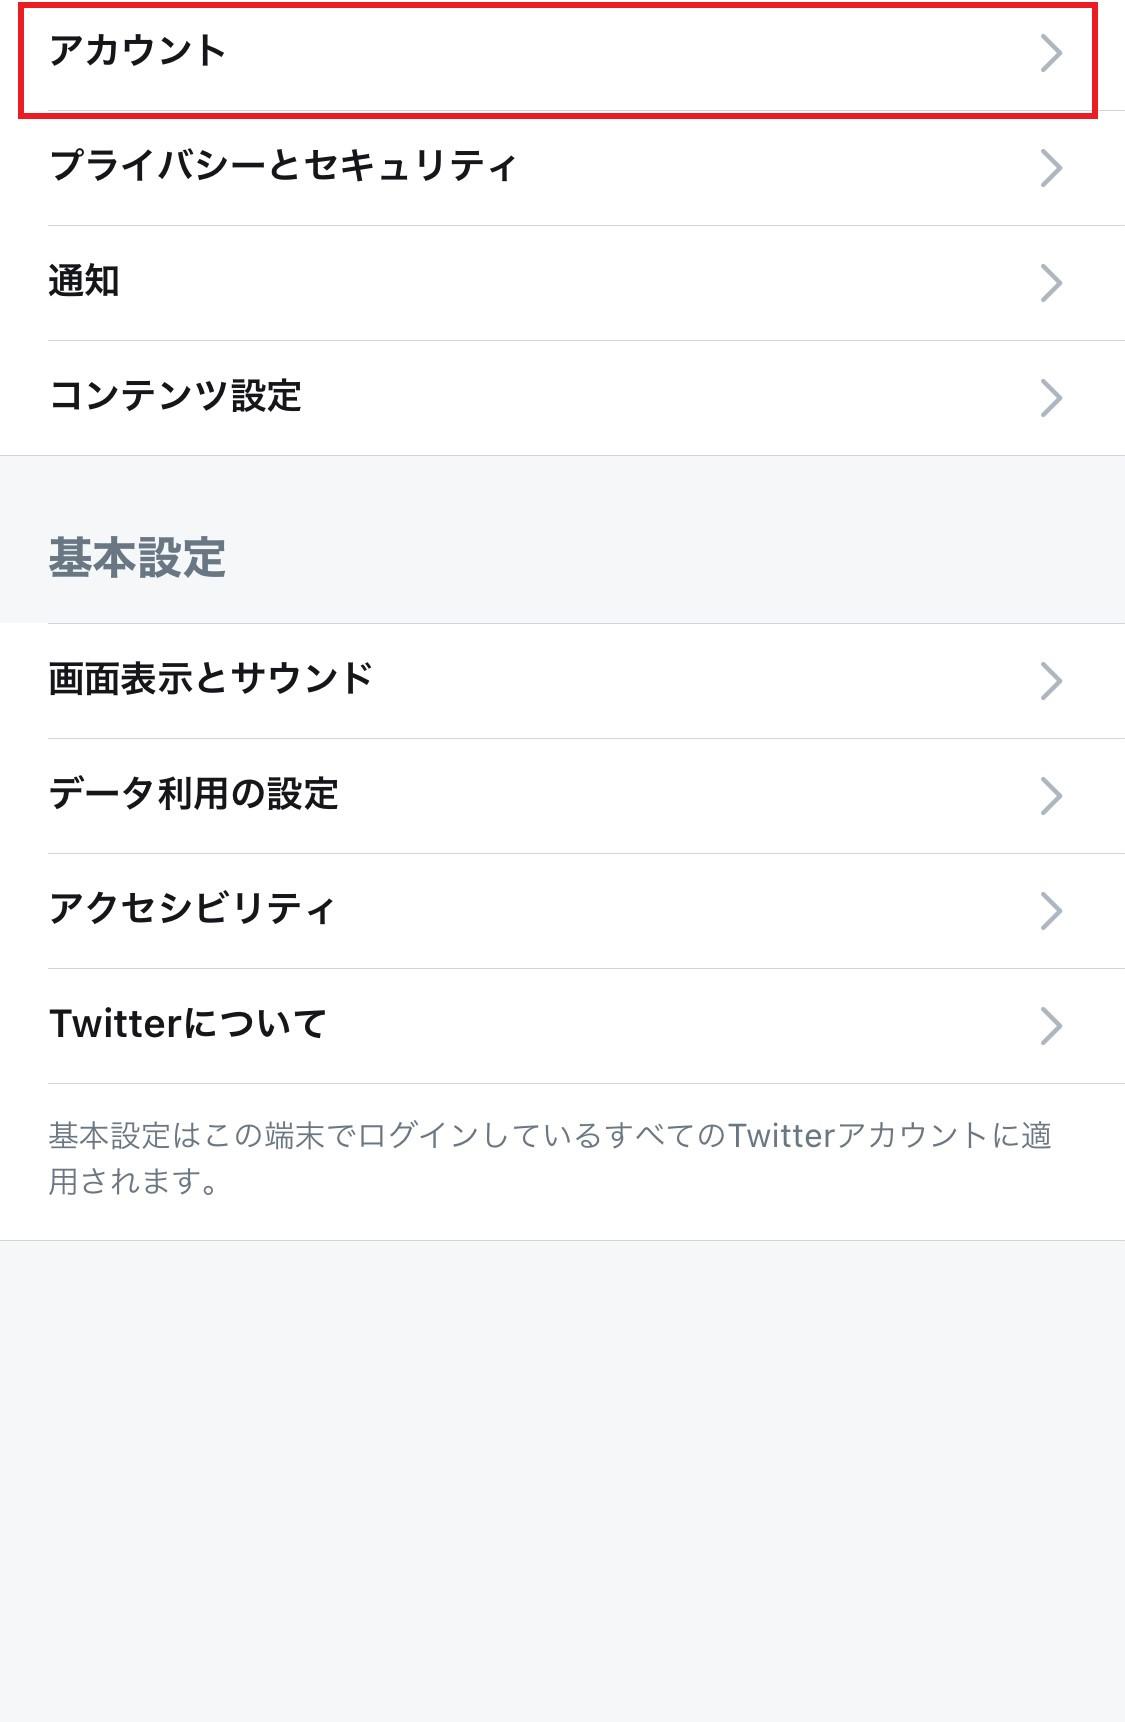 アプリ連携解除2